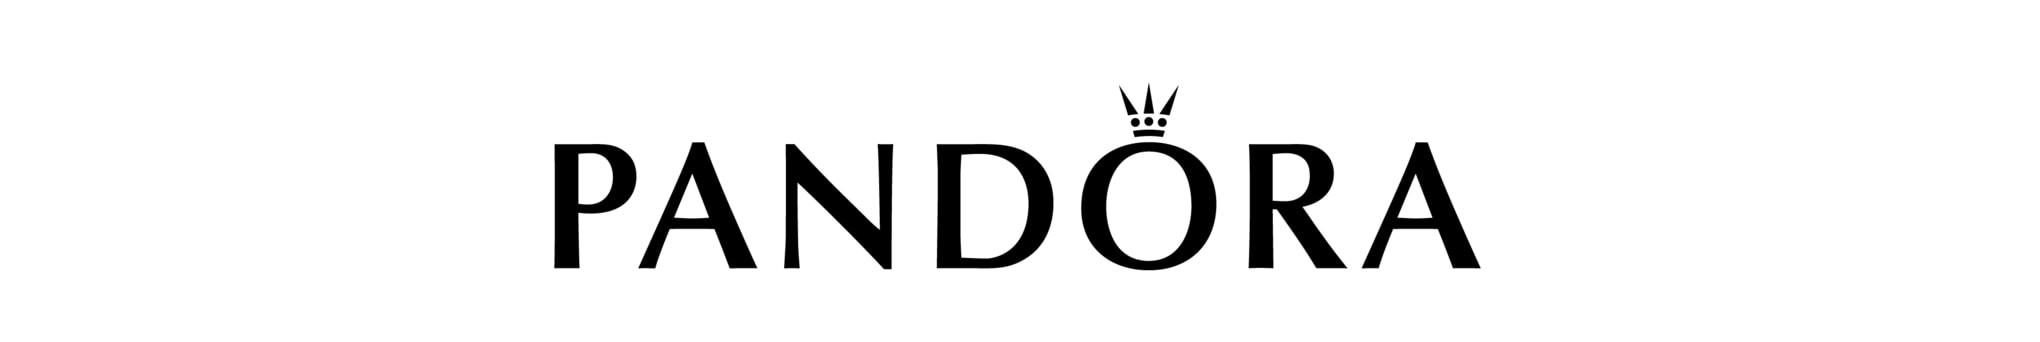 Logo de la marque Pandora